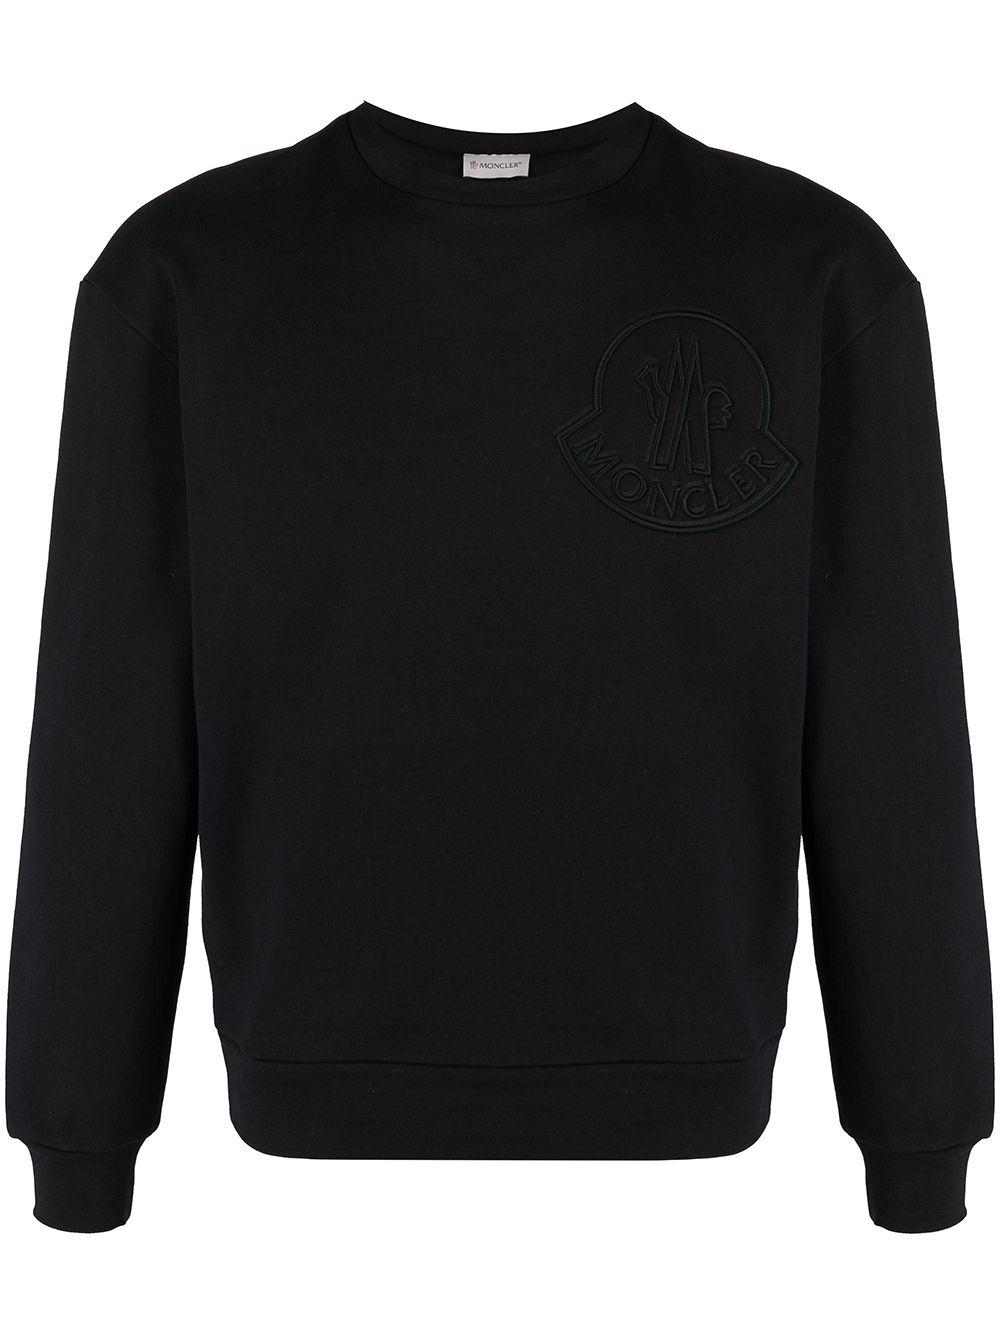 Moncler Sweatshirt mit aufgesticktem Logo - Schwarz